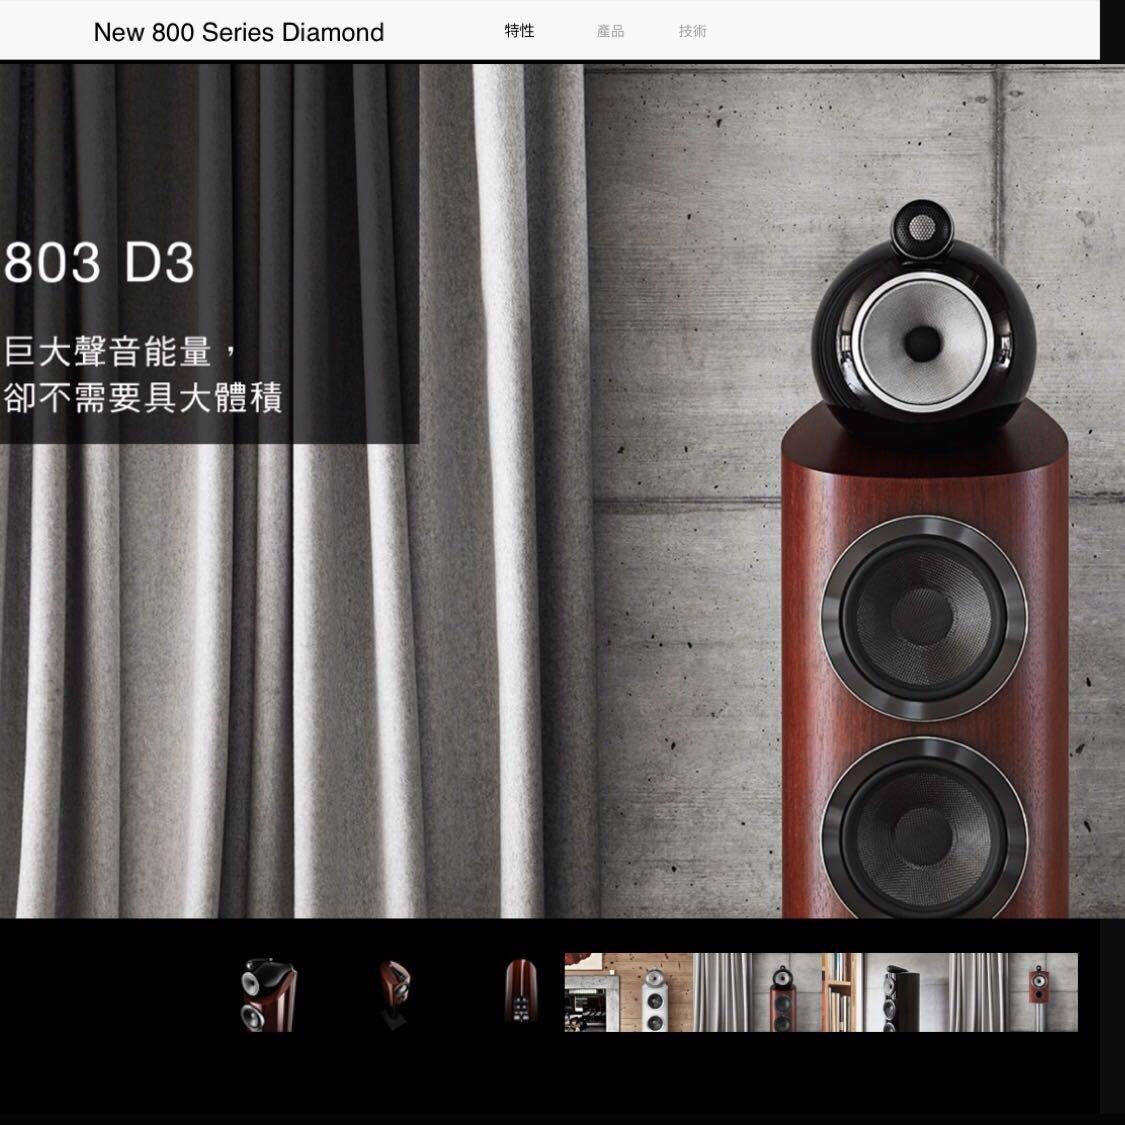 2019新竹竹北總代理(鴻韻音響)B&W皇佳國際公司貨 803D3 Bowers&Wilkins 現貨展示歡迎來店議$